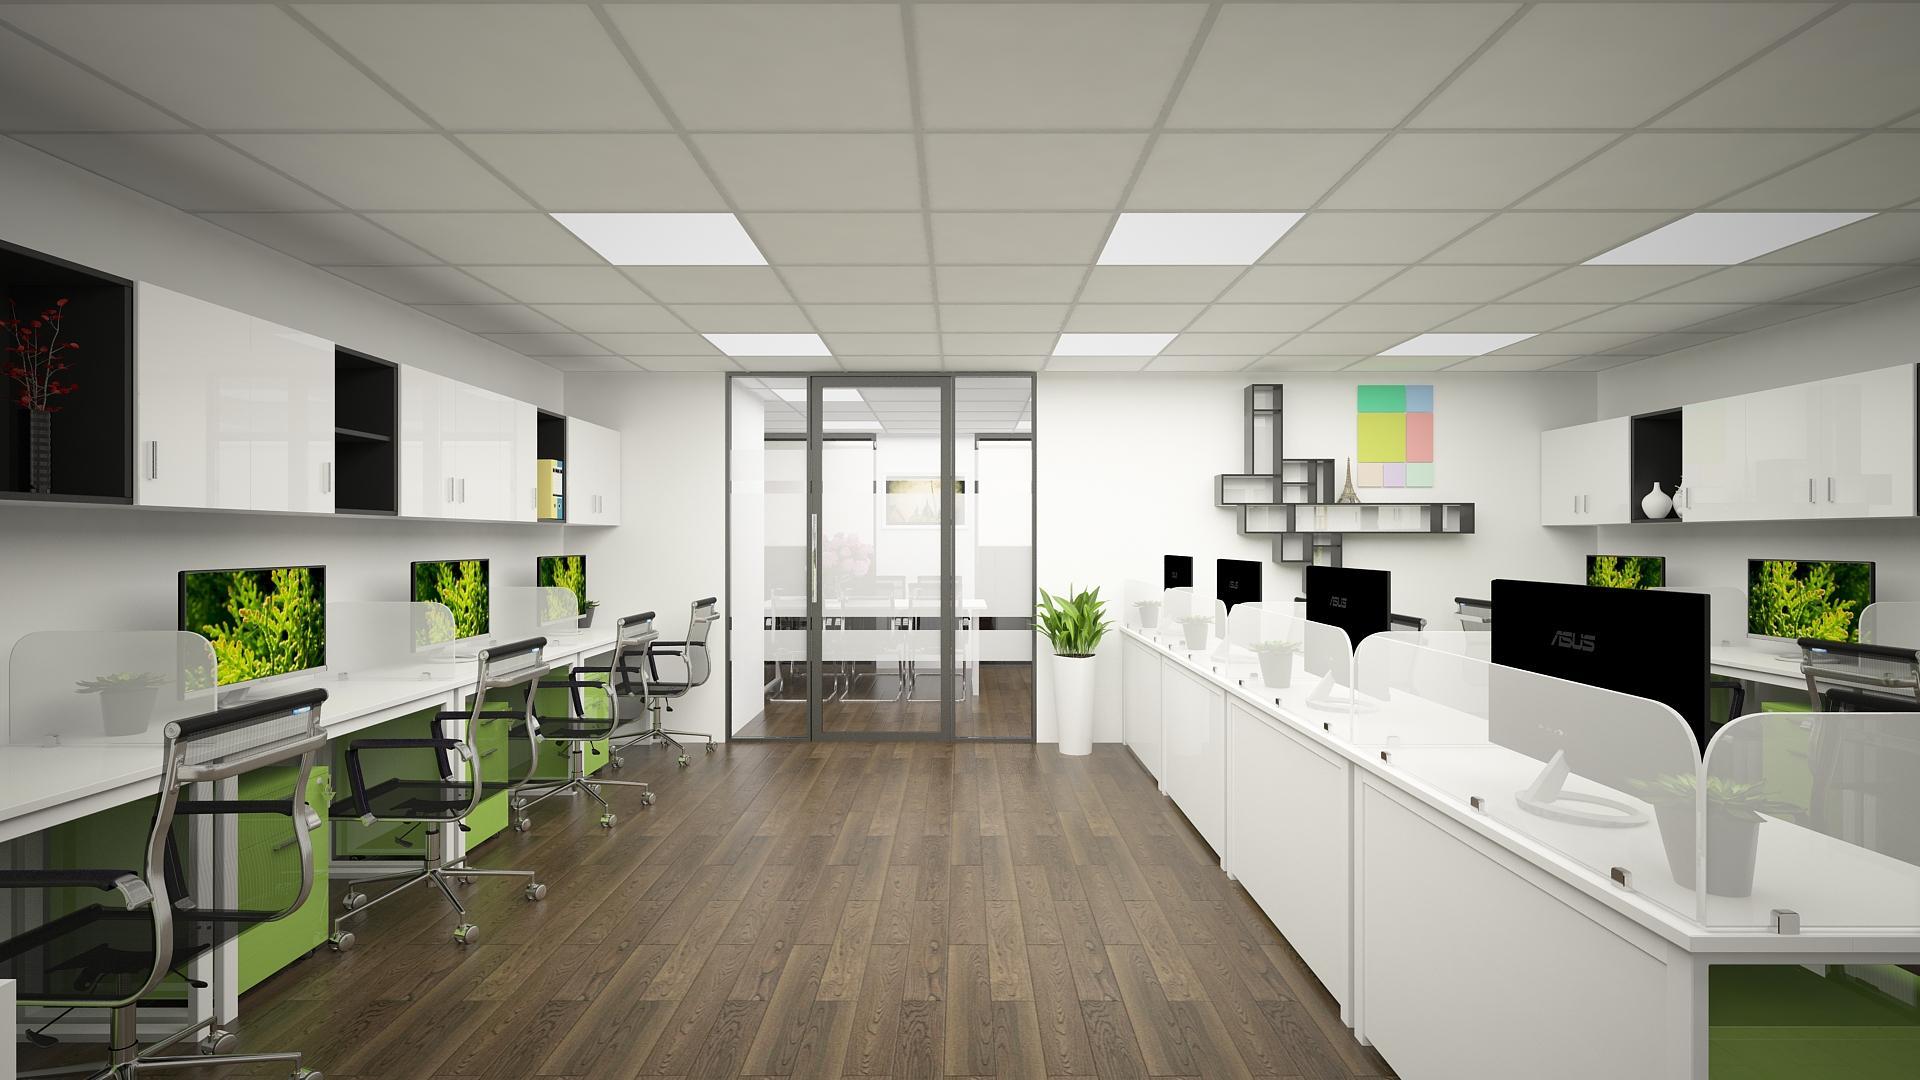 Văn phòng làm việc được thiết kế màu sắc hiện đại, năng động